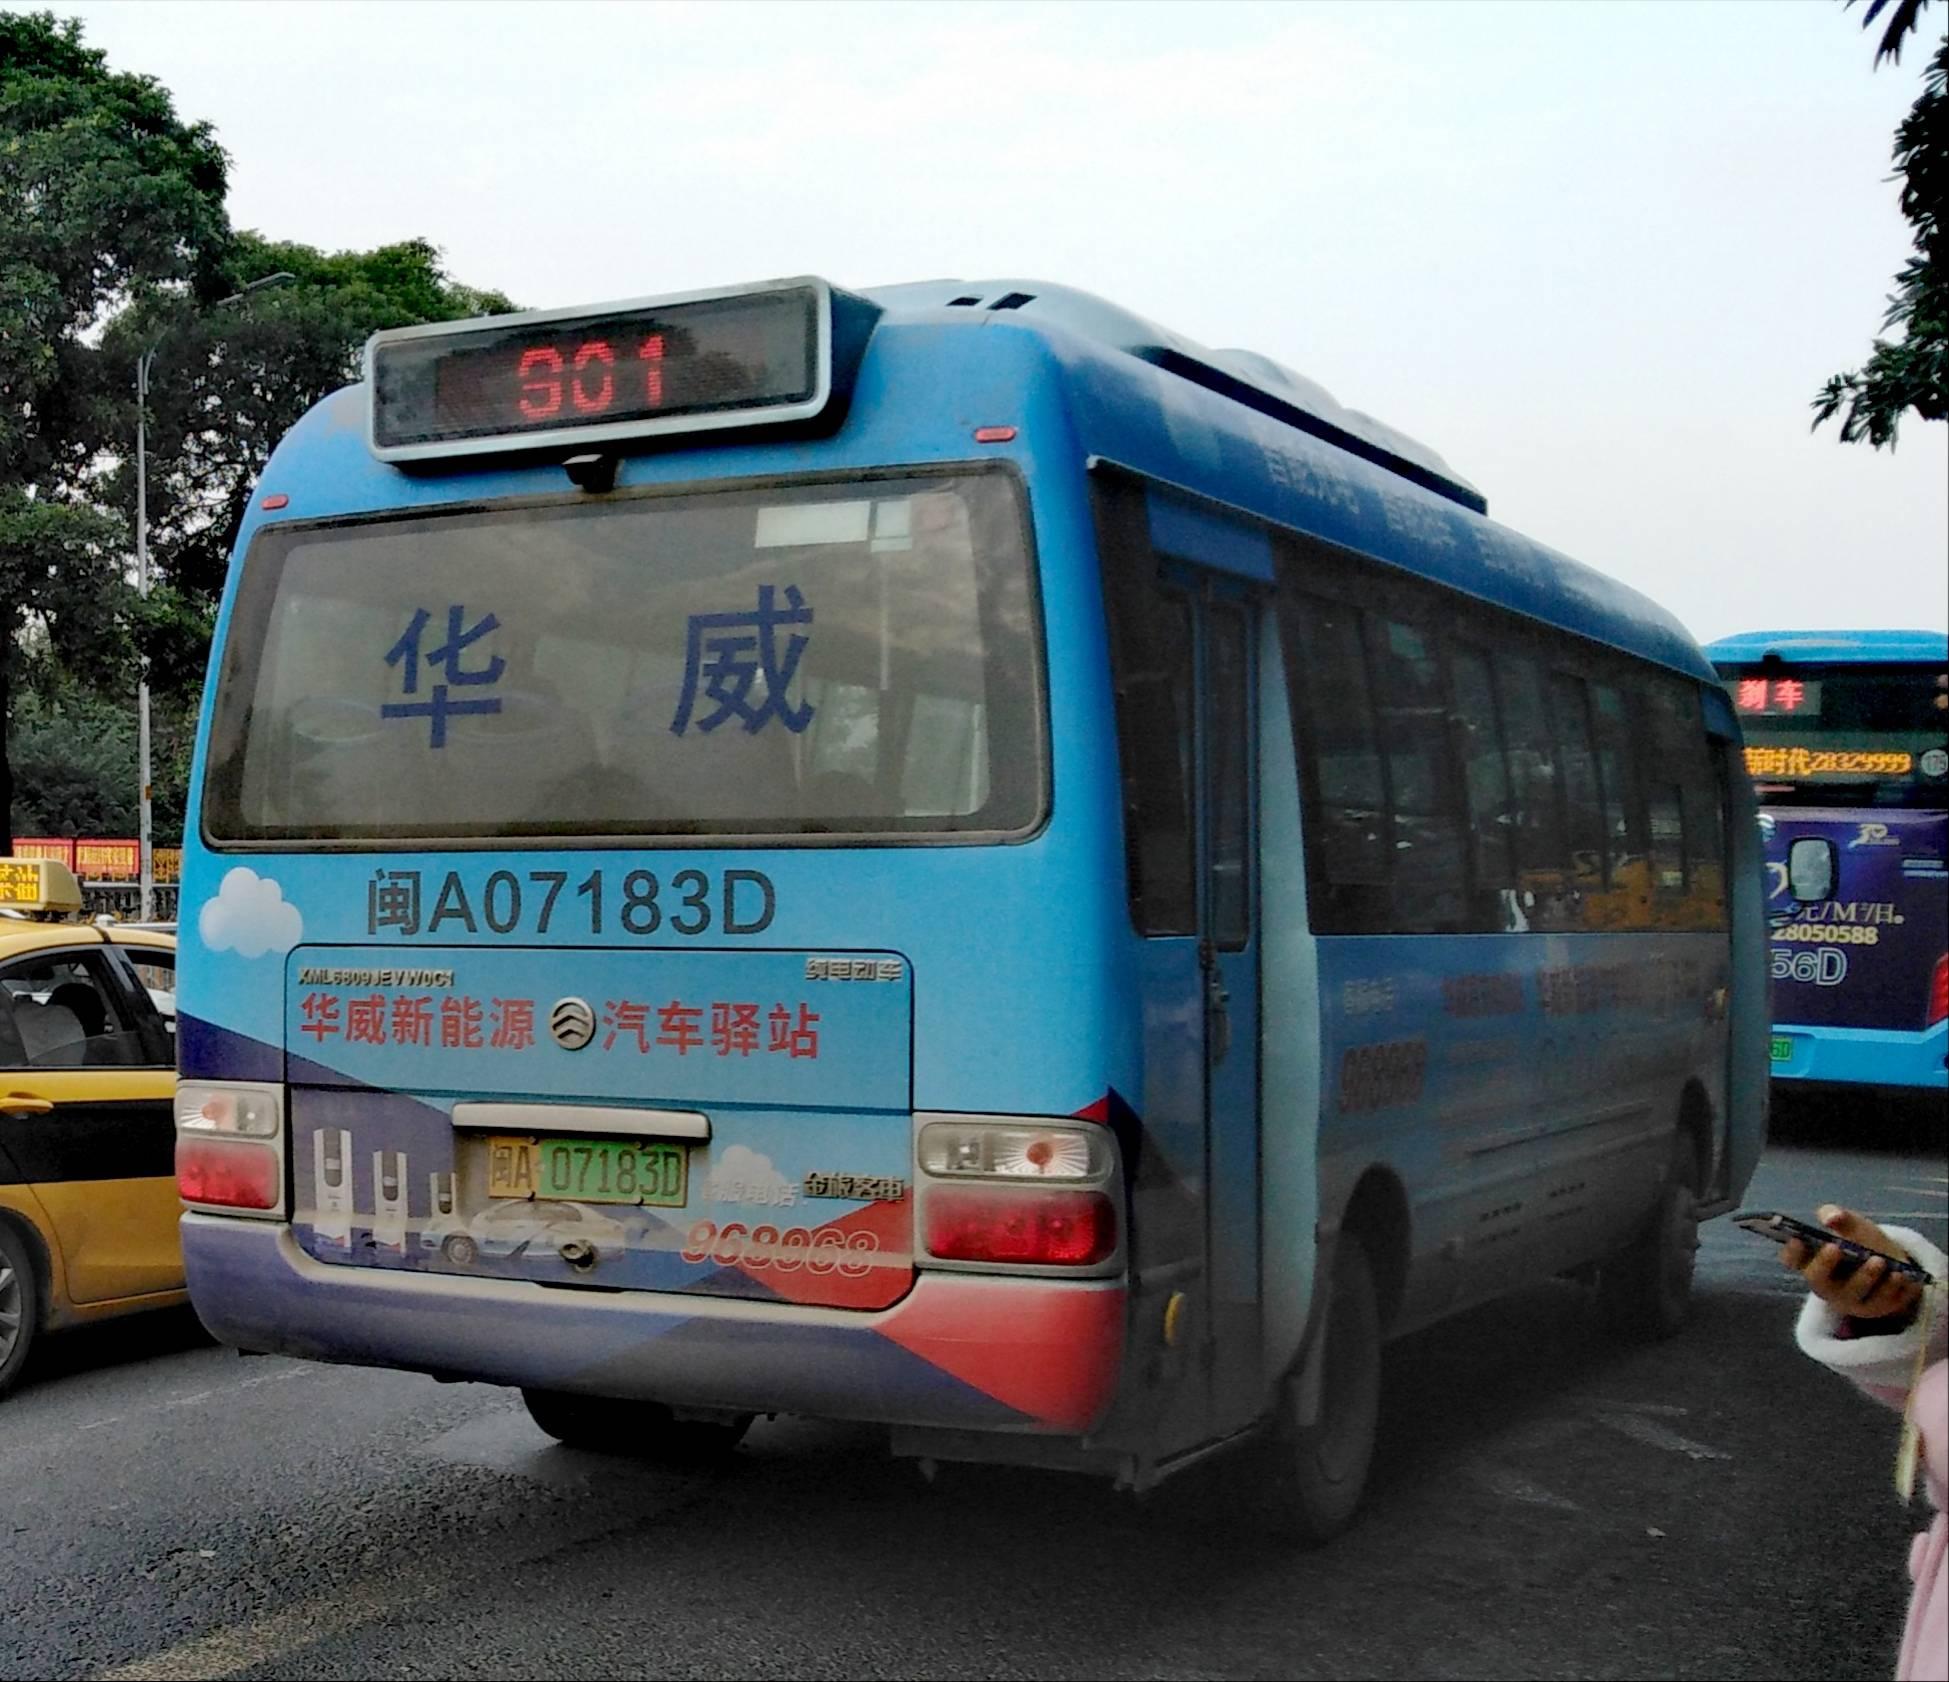 11-24-51-闽A07183D.jpg